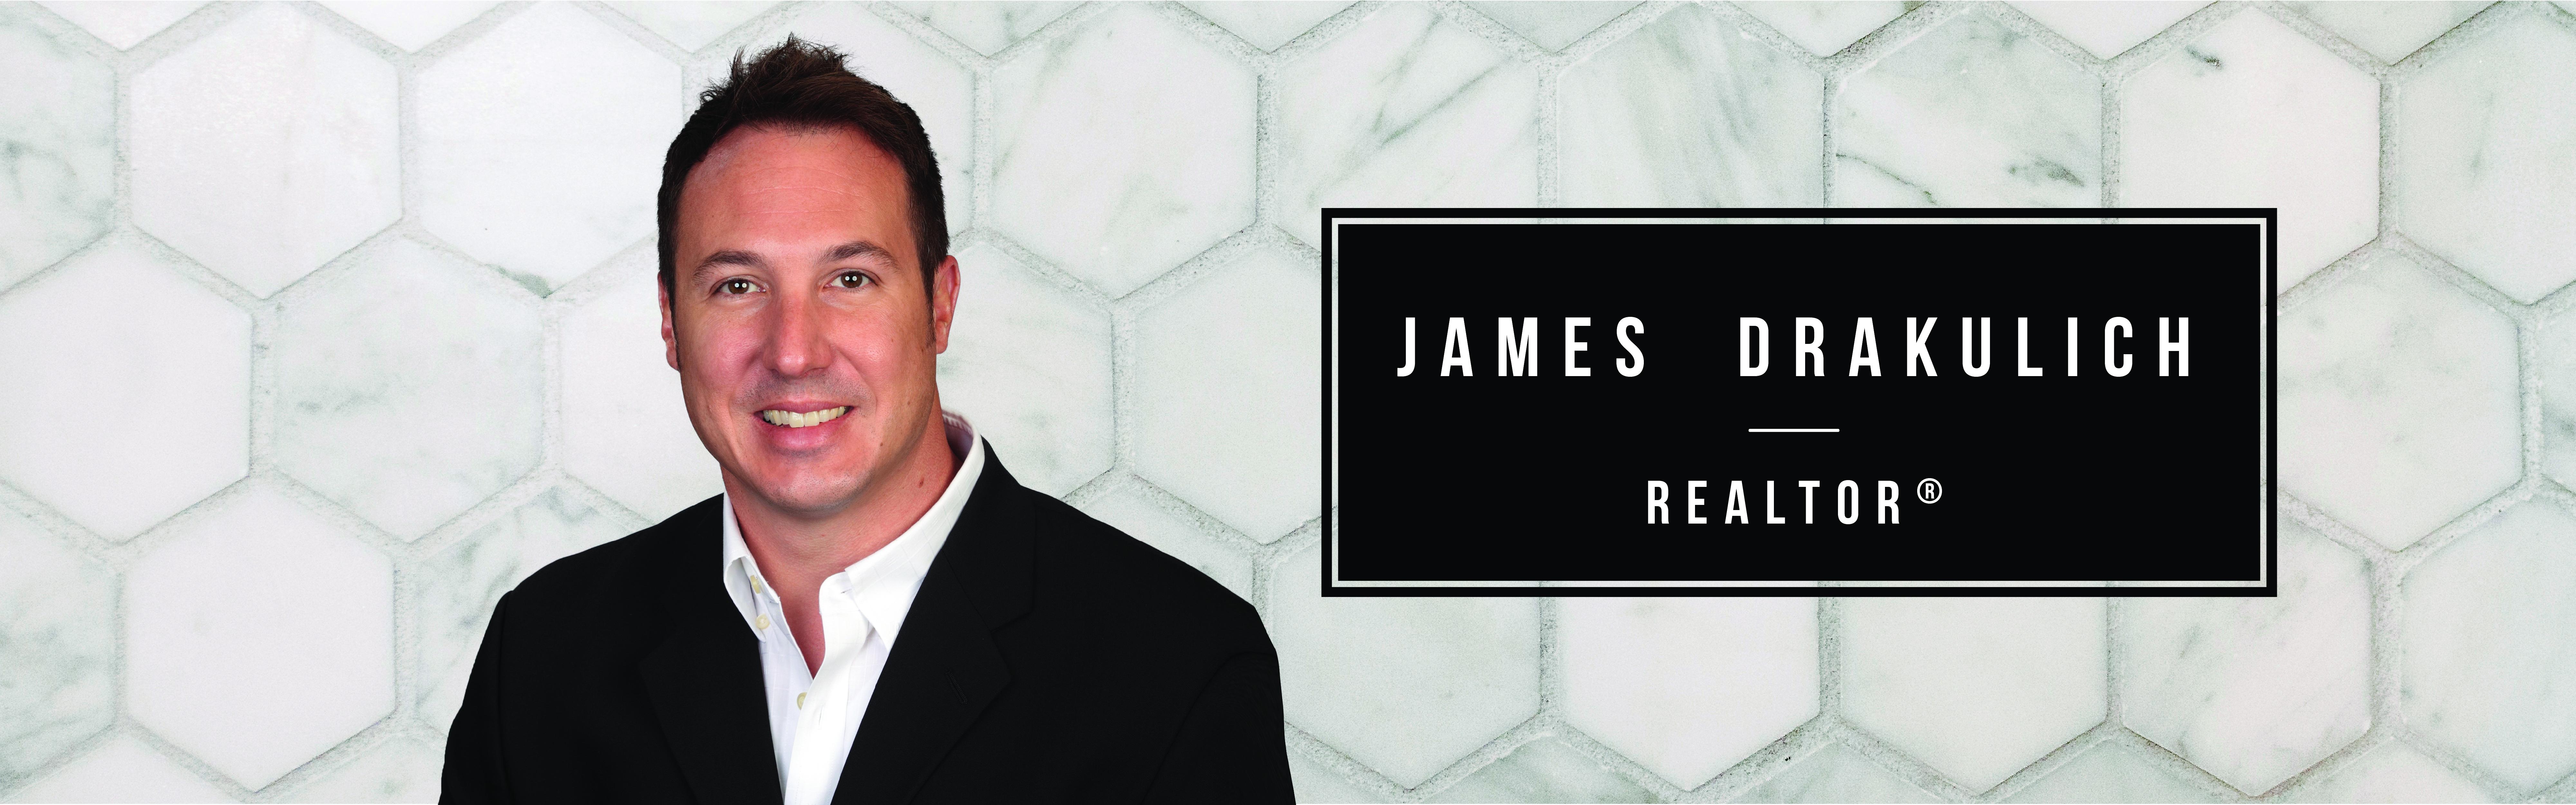 James Drakulich